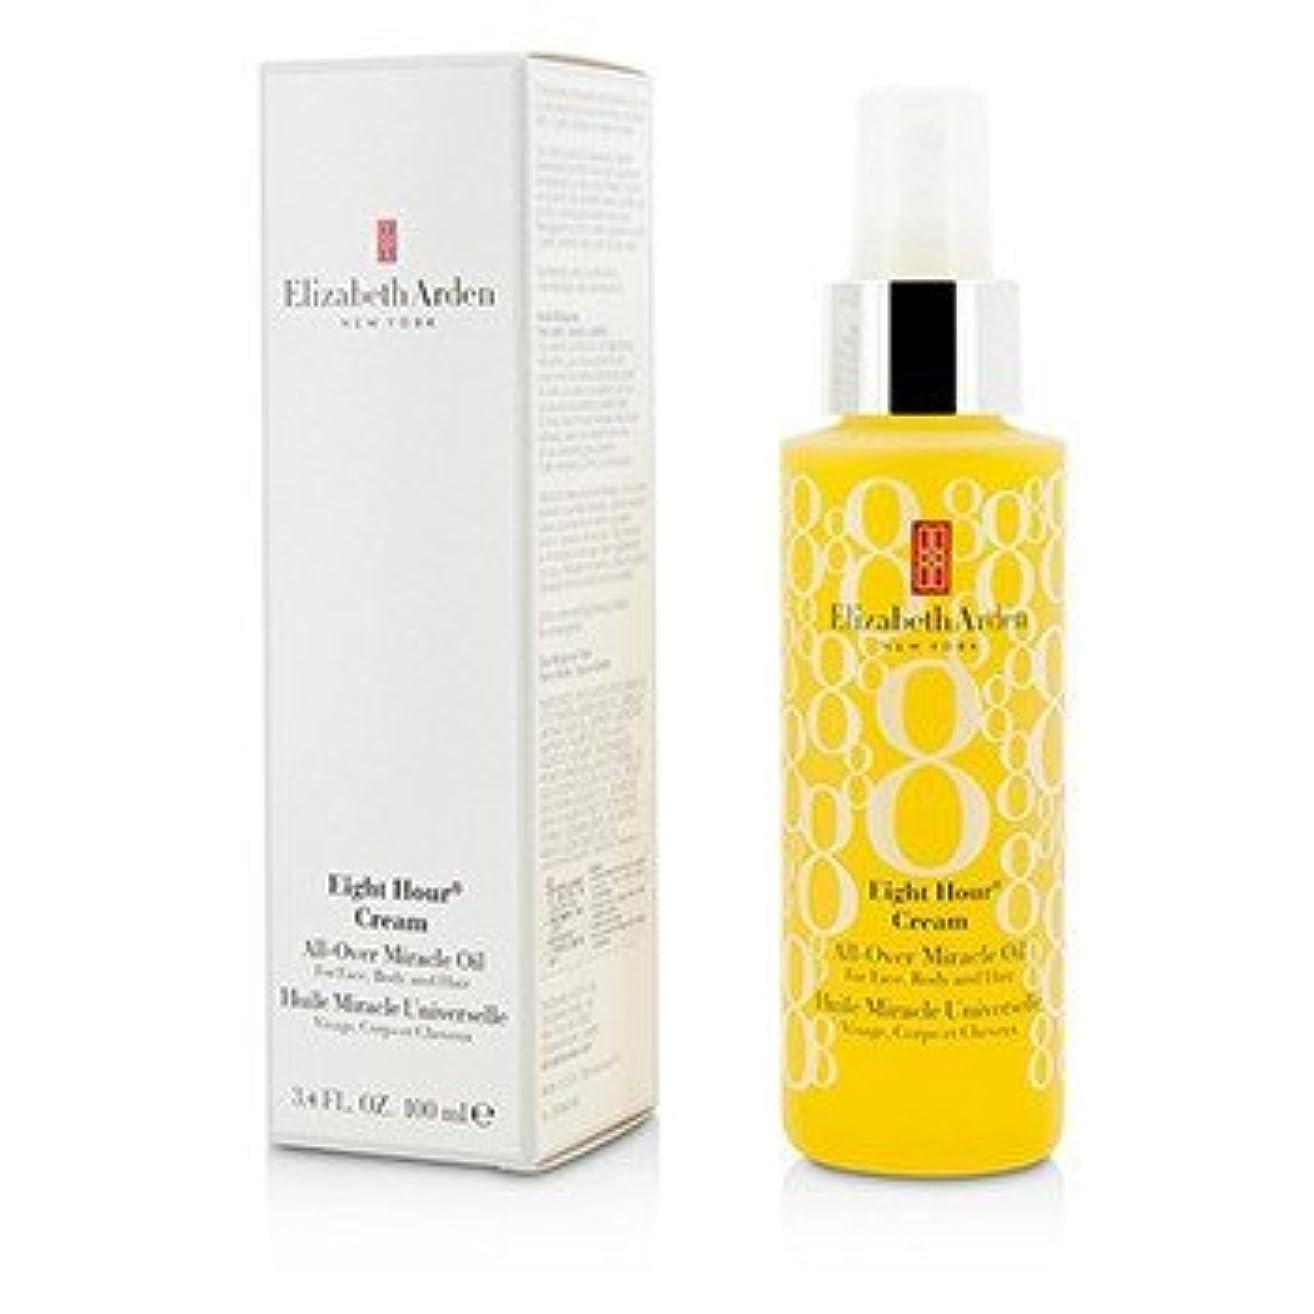 恐竜壁殺します[Elizabeth Arden] Eight Hour Cream All-Over Miracle Oil - For Face Body & Hair